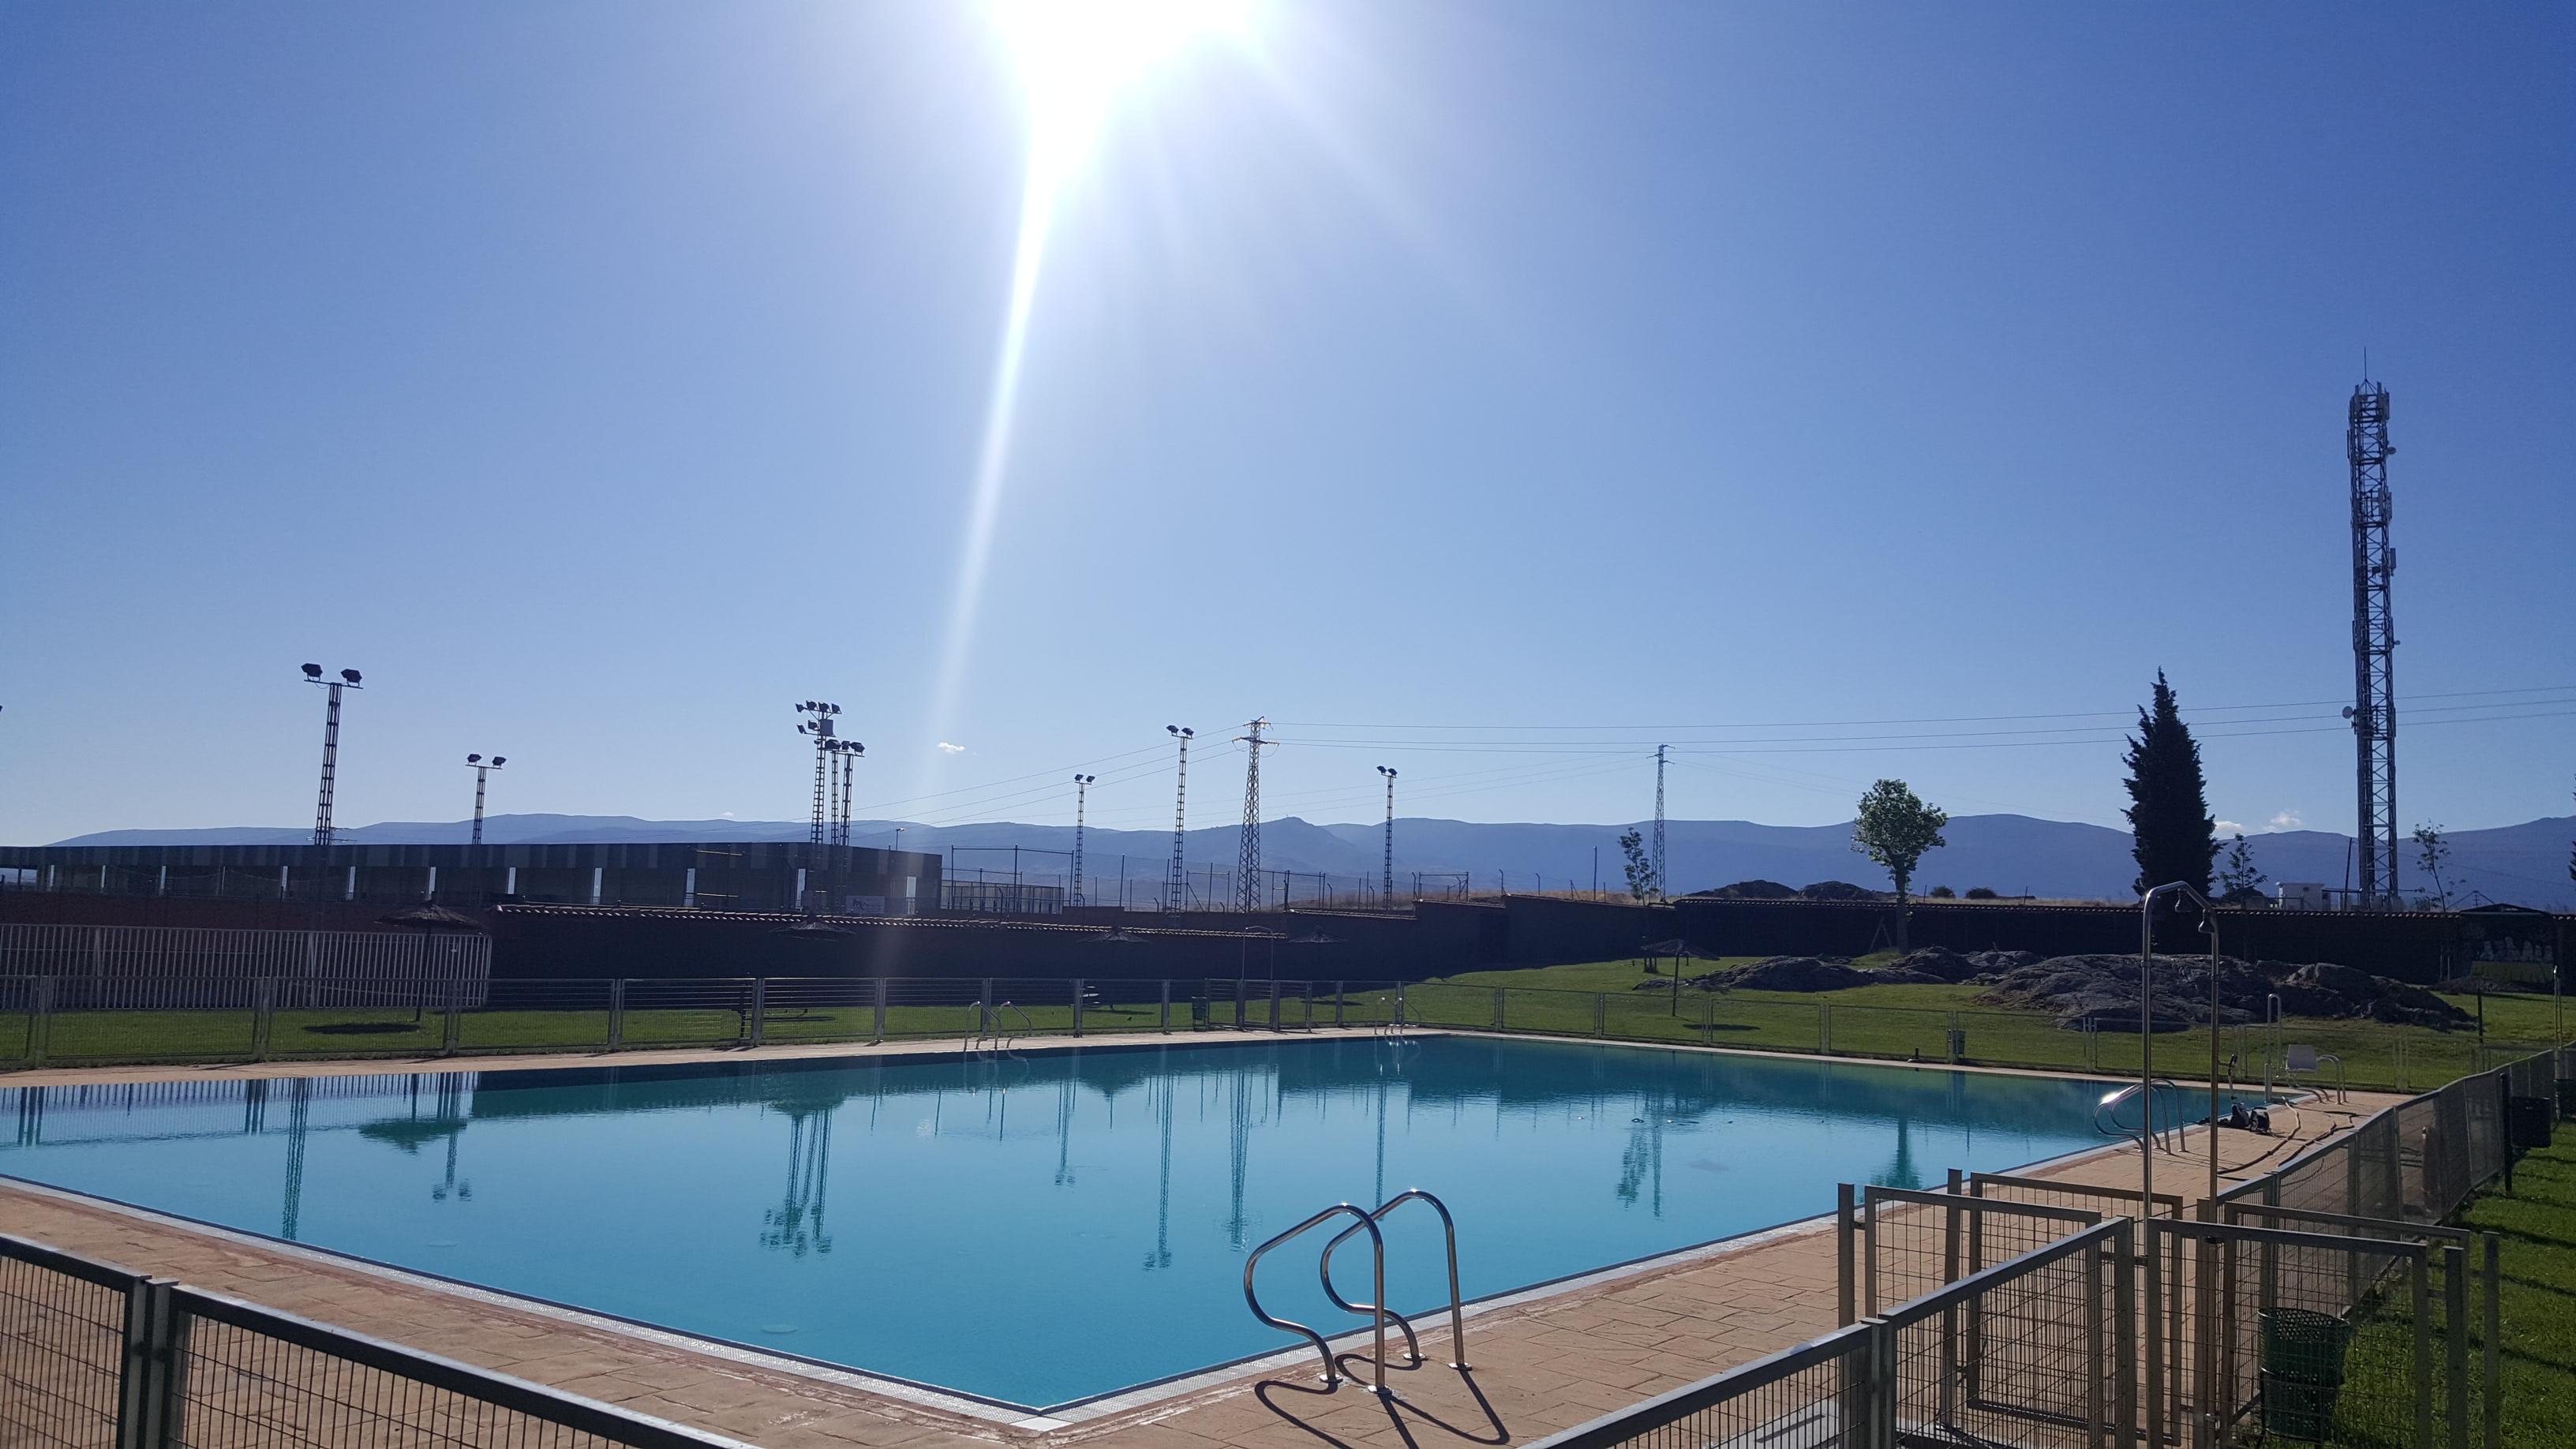 La piscina de verano lista para iniciar la temporada estival